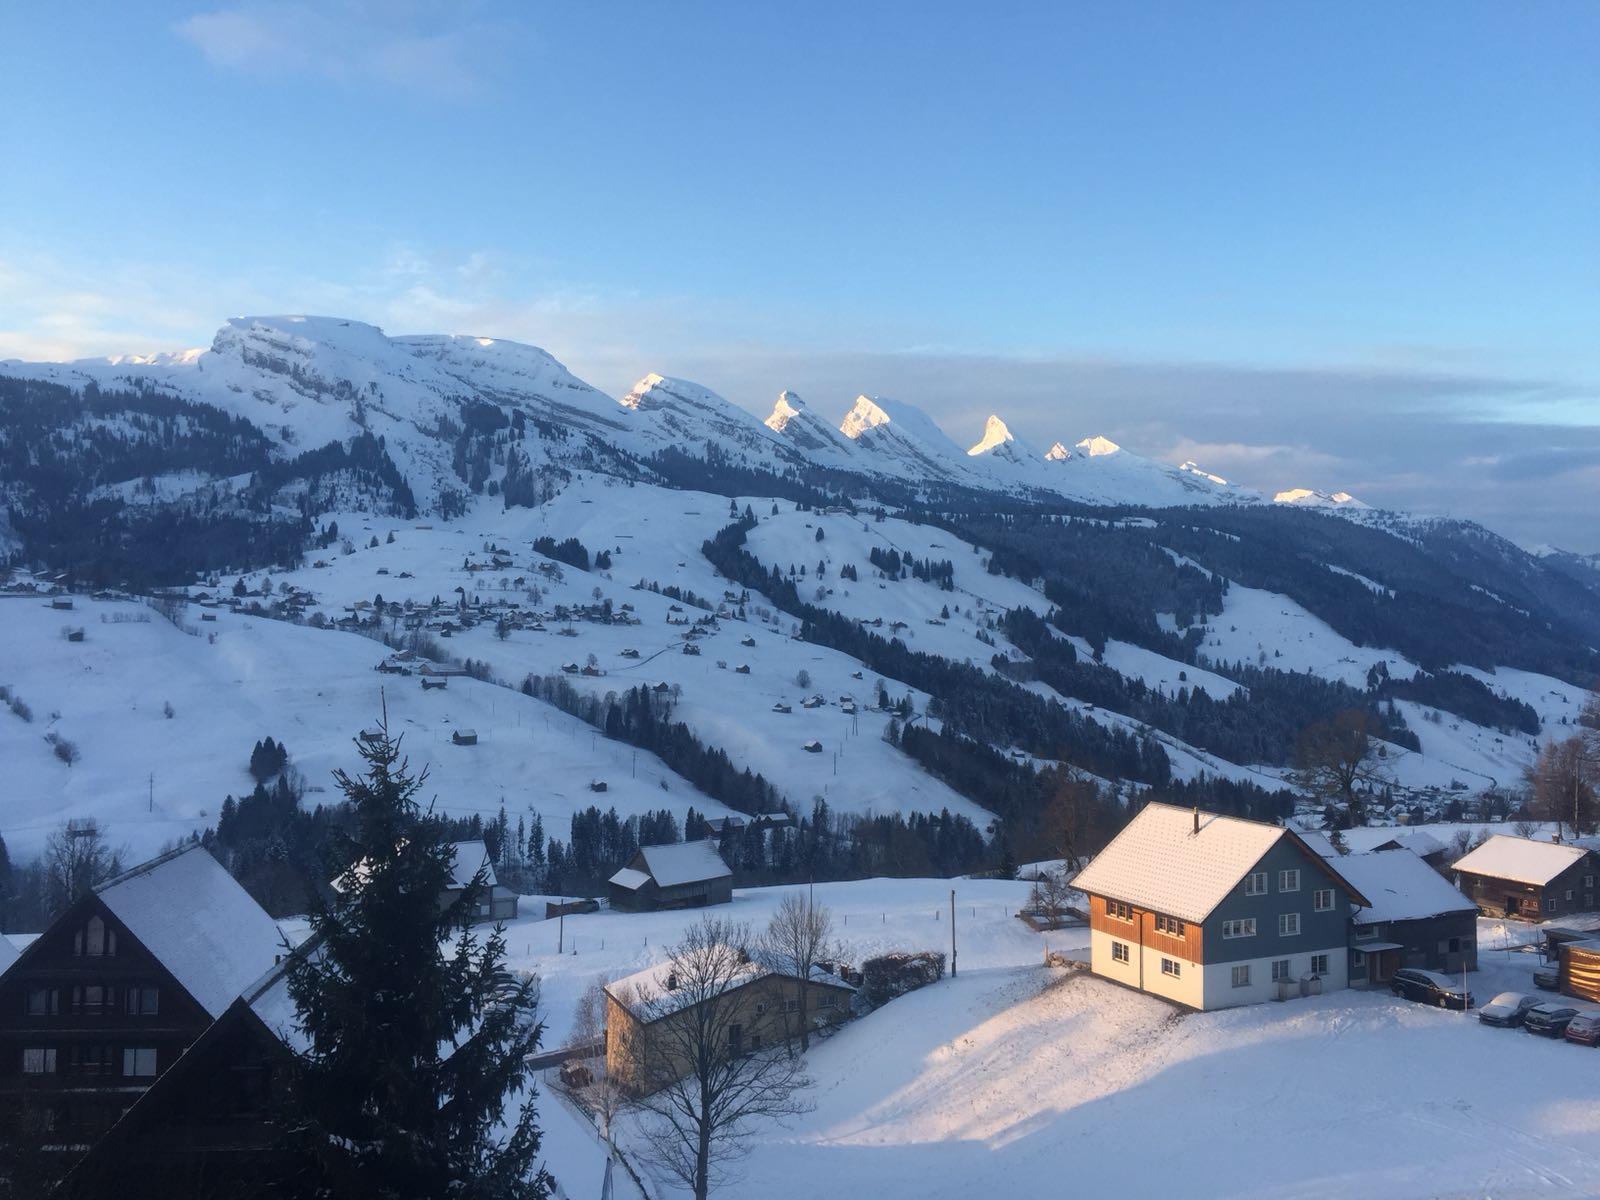 Churfirsten mountain range in Eastern Switzerland